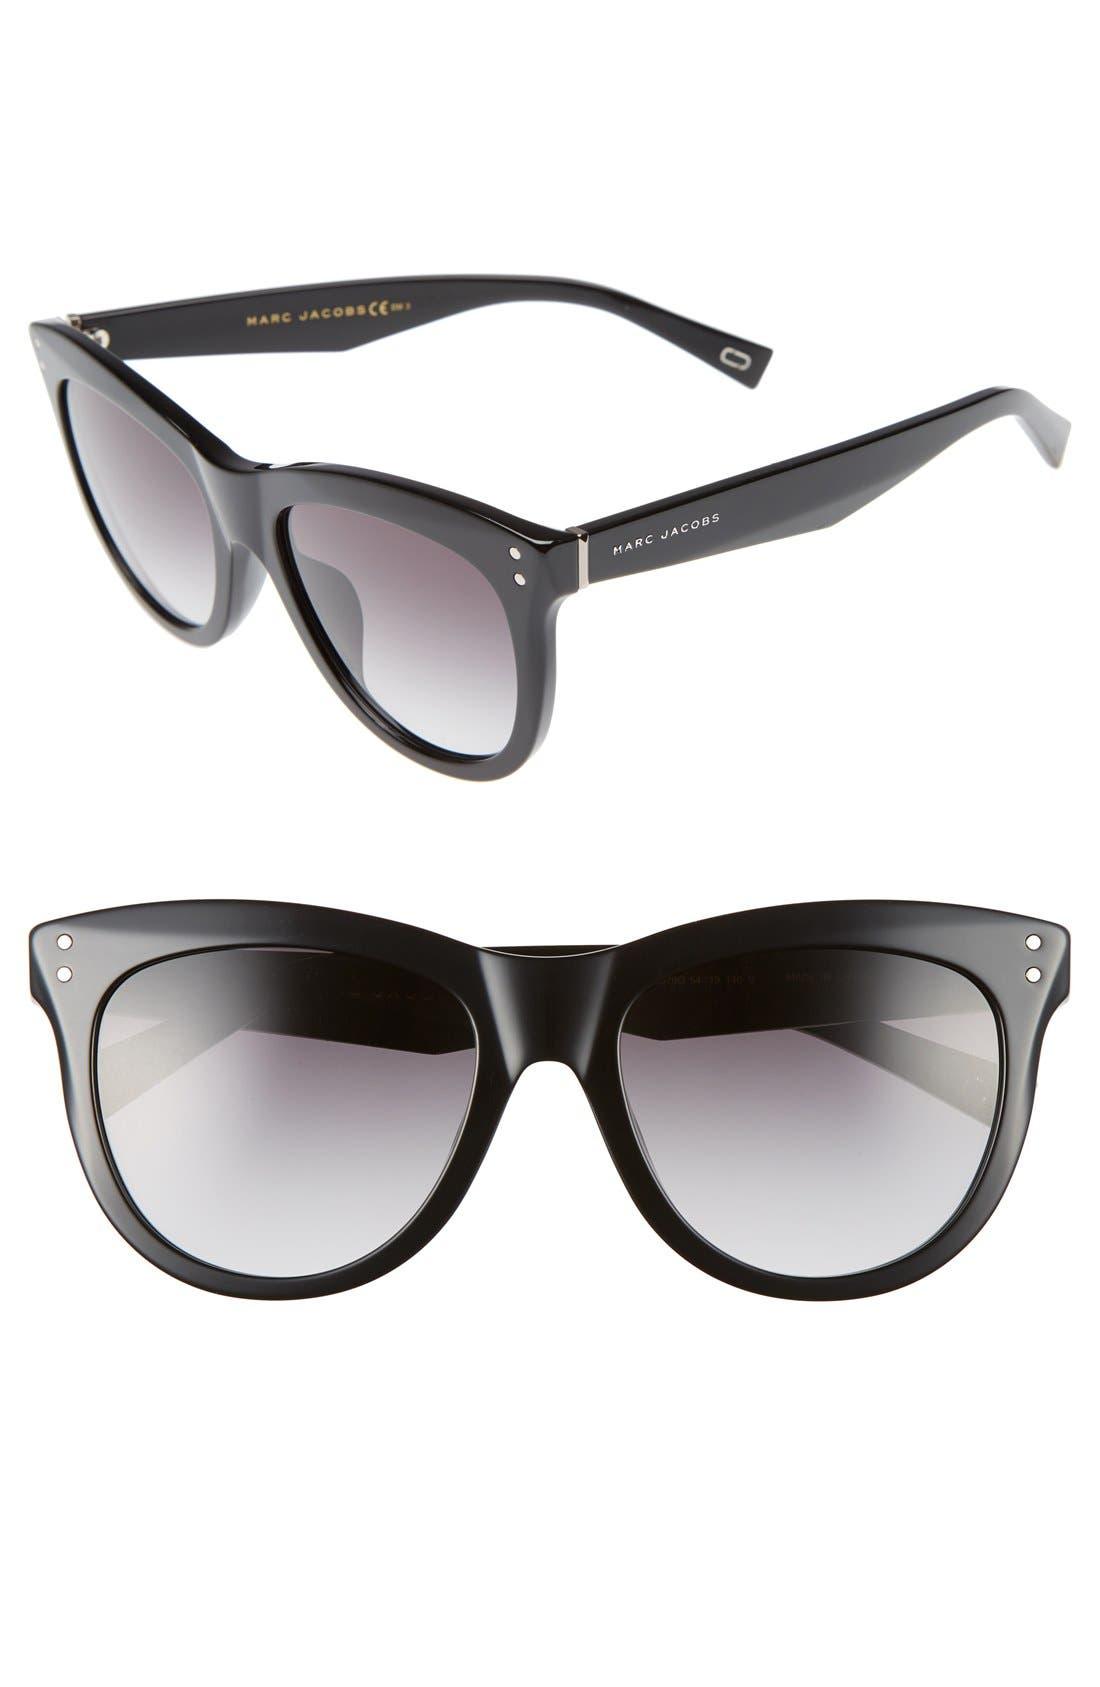 MARC JACOBS 54mm Sunglasses, Main, color, 001